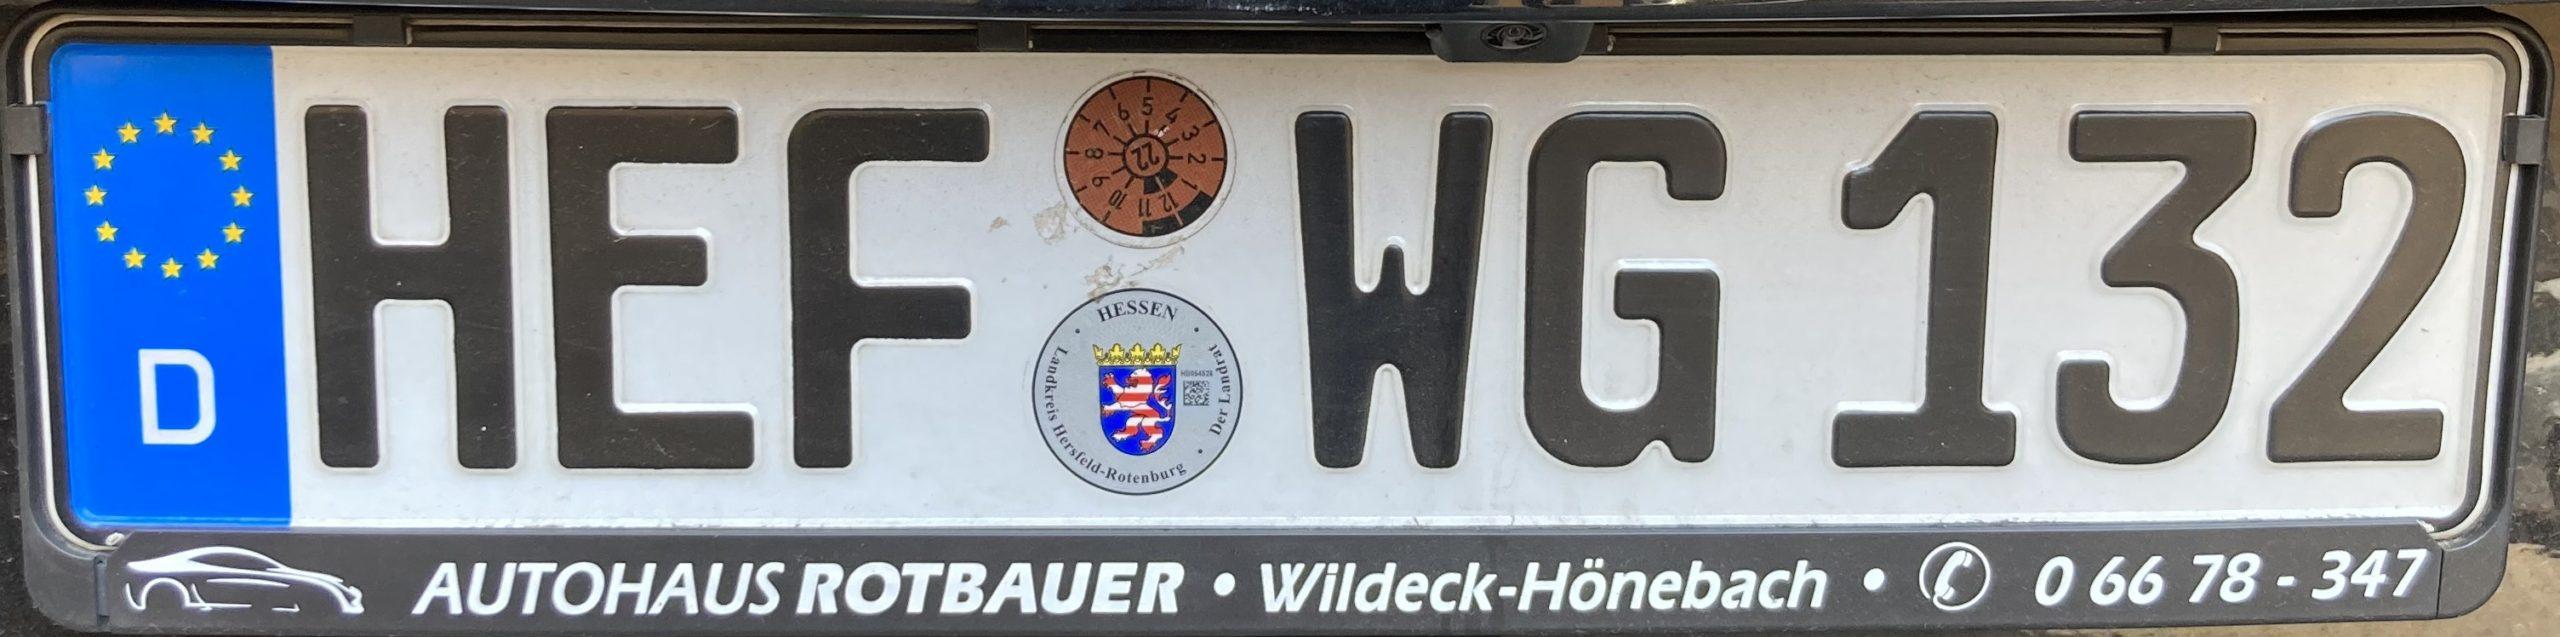 Registrační značky Německo - HEF - Hersfeld - Rotenburg, foto: www.podalnici.cz